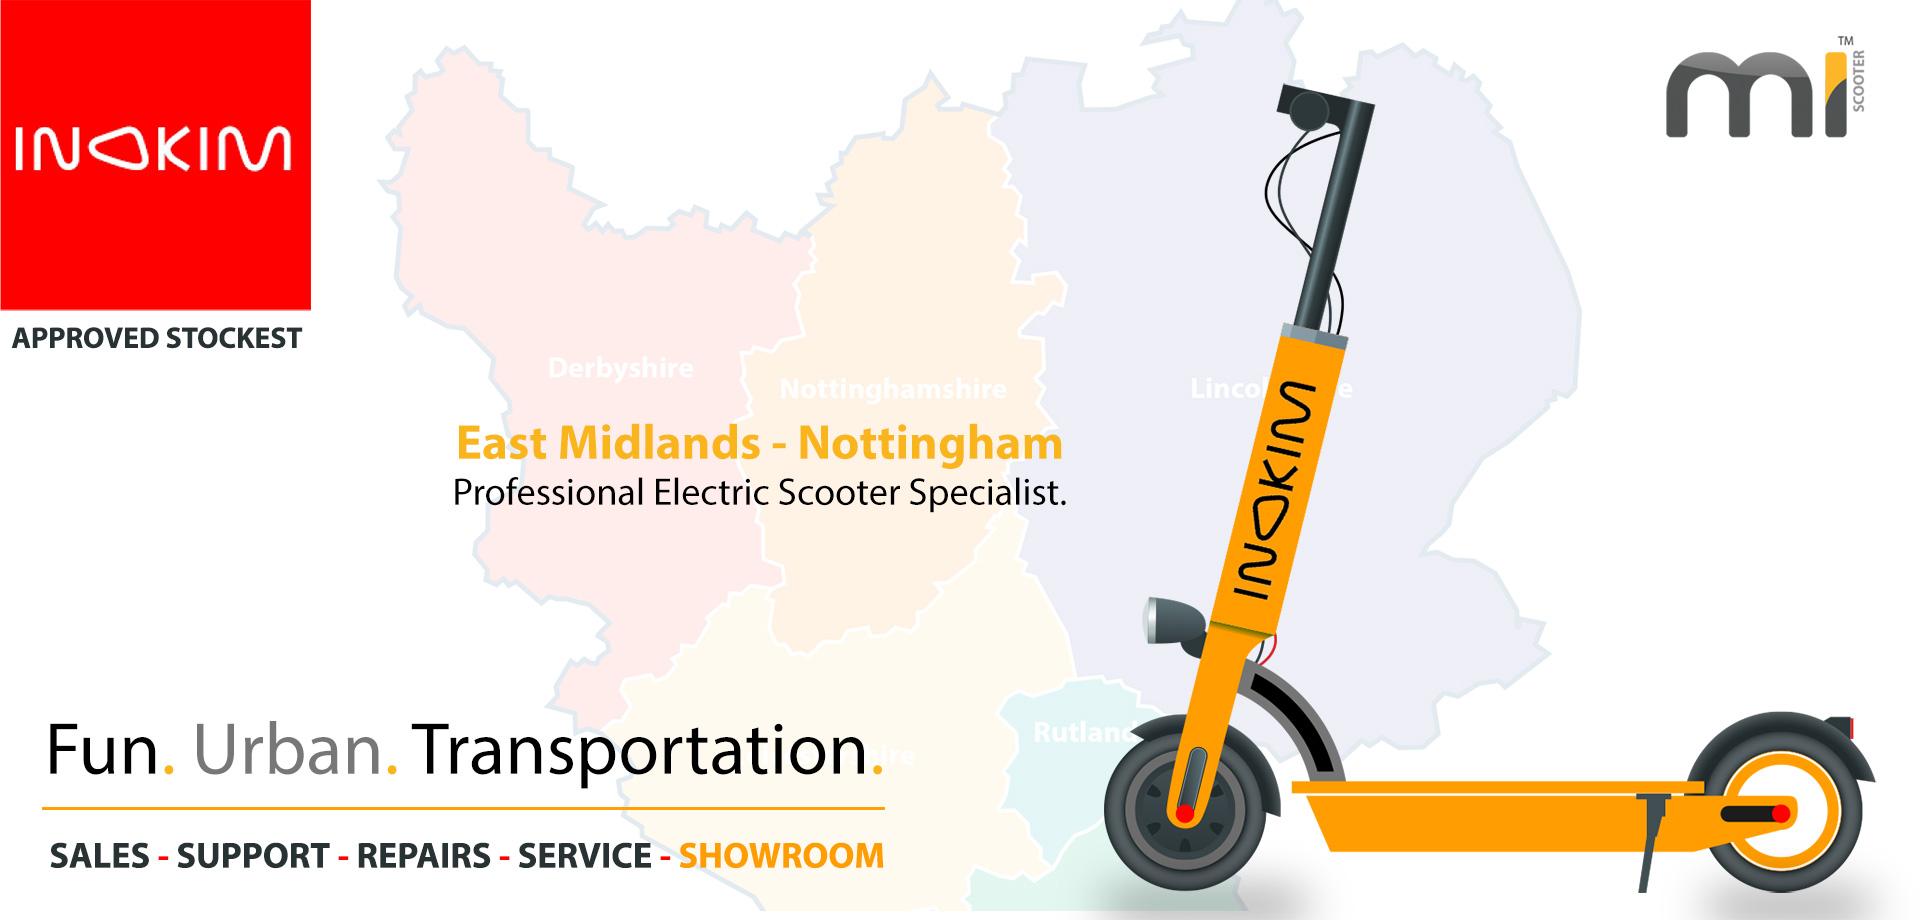 Inokim UK | East Midlands Specialist - Sales - Service - Support - Repairs - Showroom